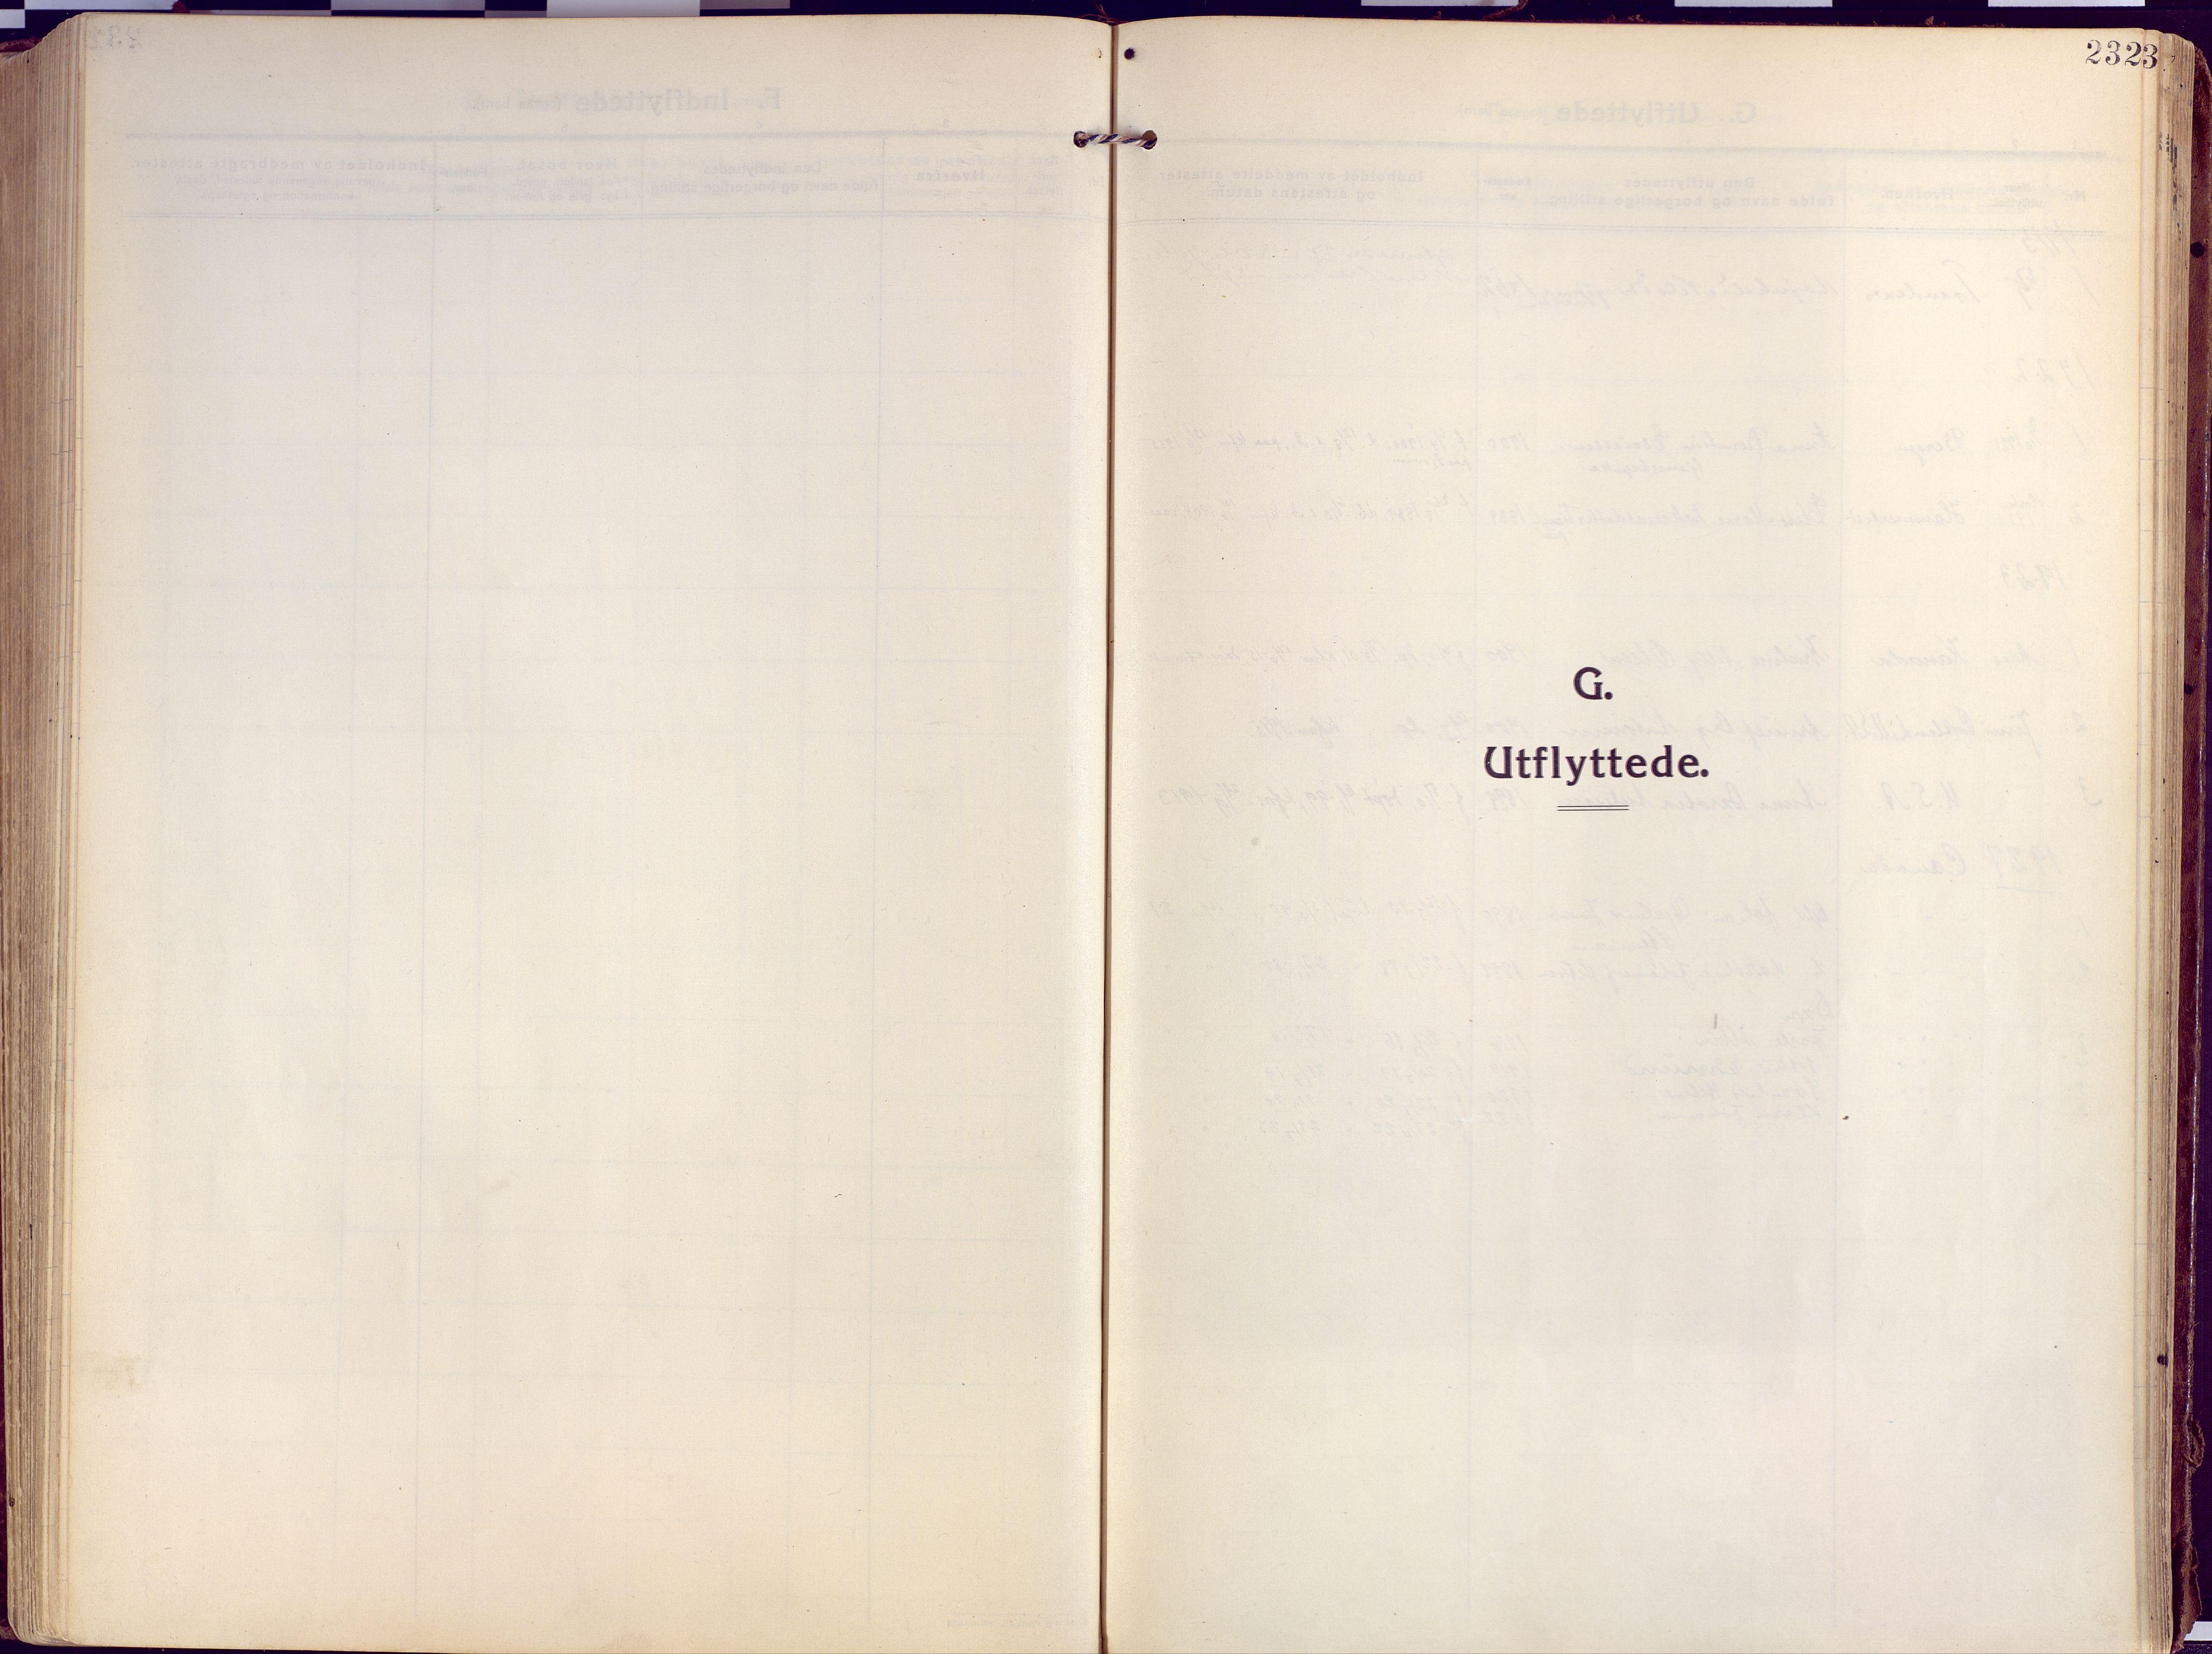 SATØ, Salangen sokneprestembete, H/Ha/L0004kirke: Ministerialbok nr. 4, 1912-1927, s. 232